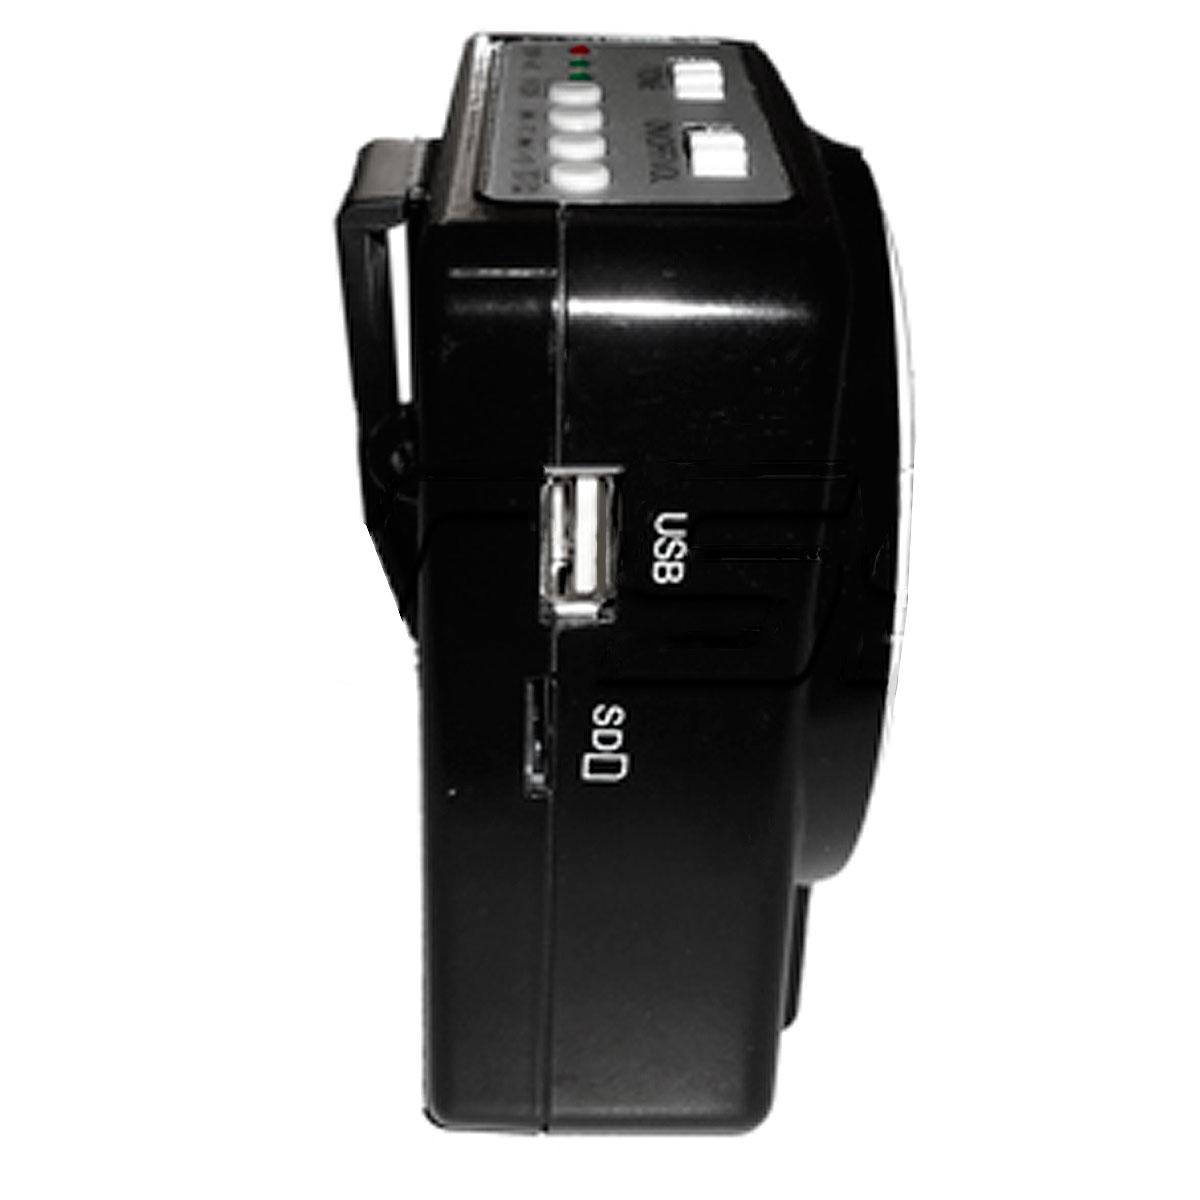 BW700 - Kit Professor Port�til c/ Caixa + Microfone c/ Fio BW 700 - CSR